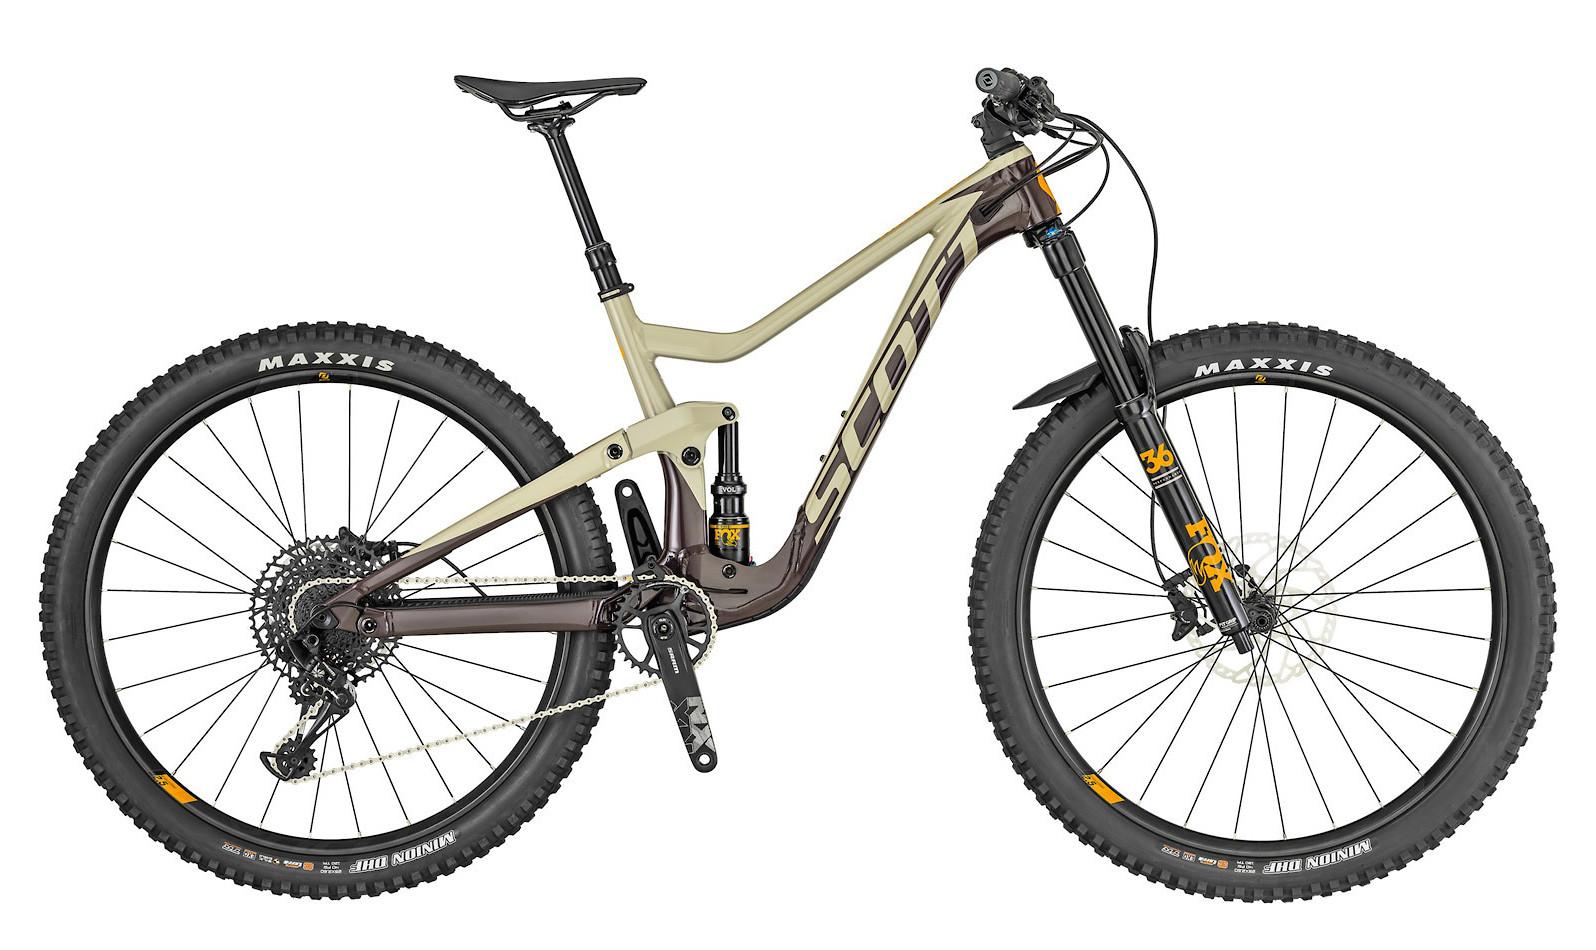 2019 Scott Ransom 720 Bike